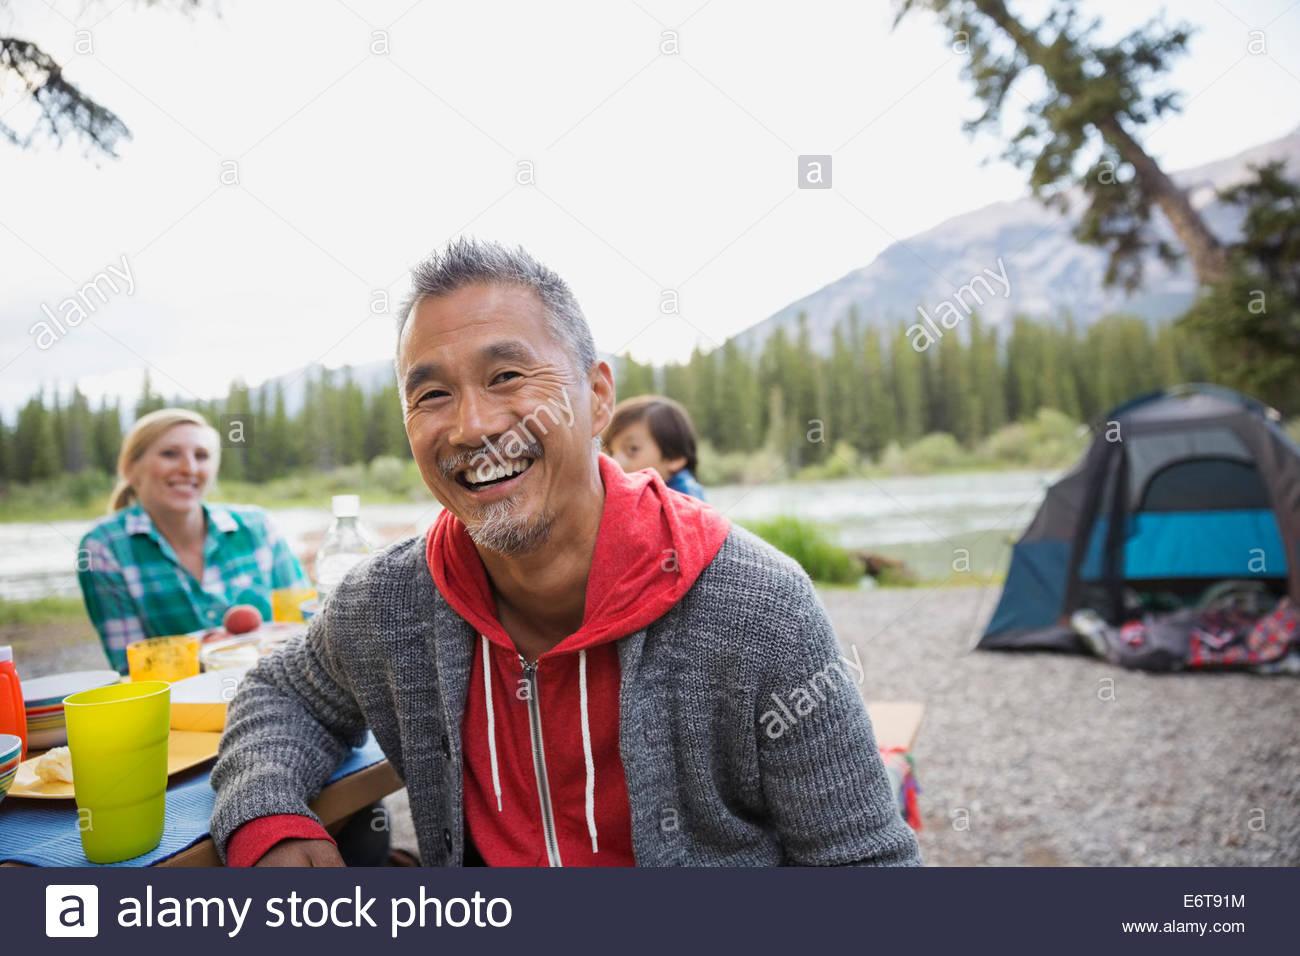 Man smiling at picnic table de camping Photo Stock